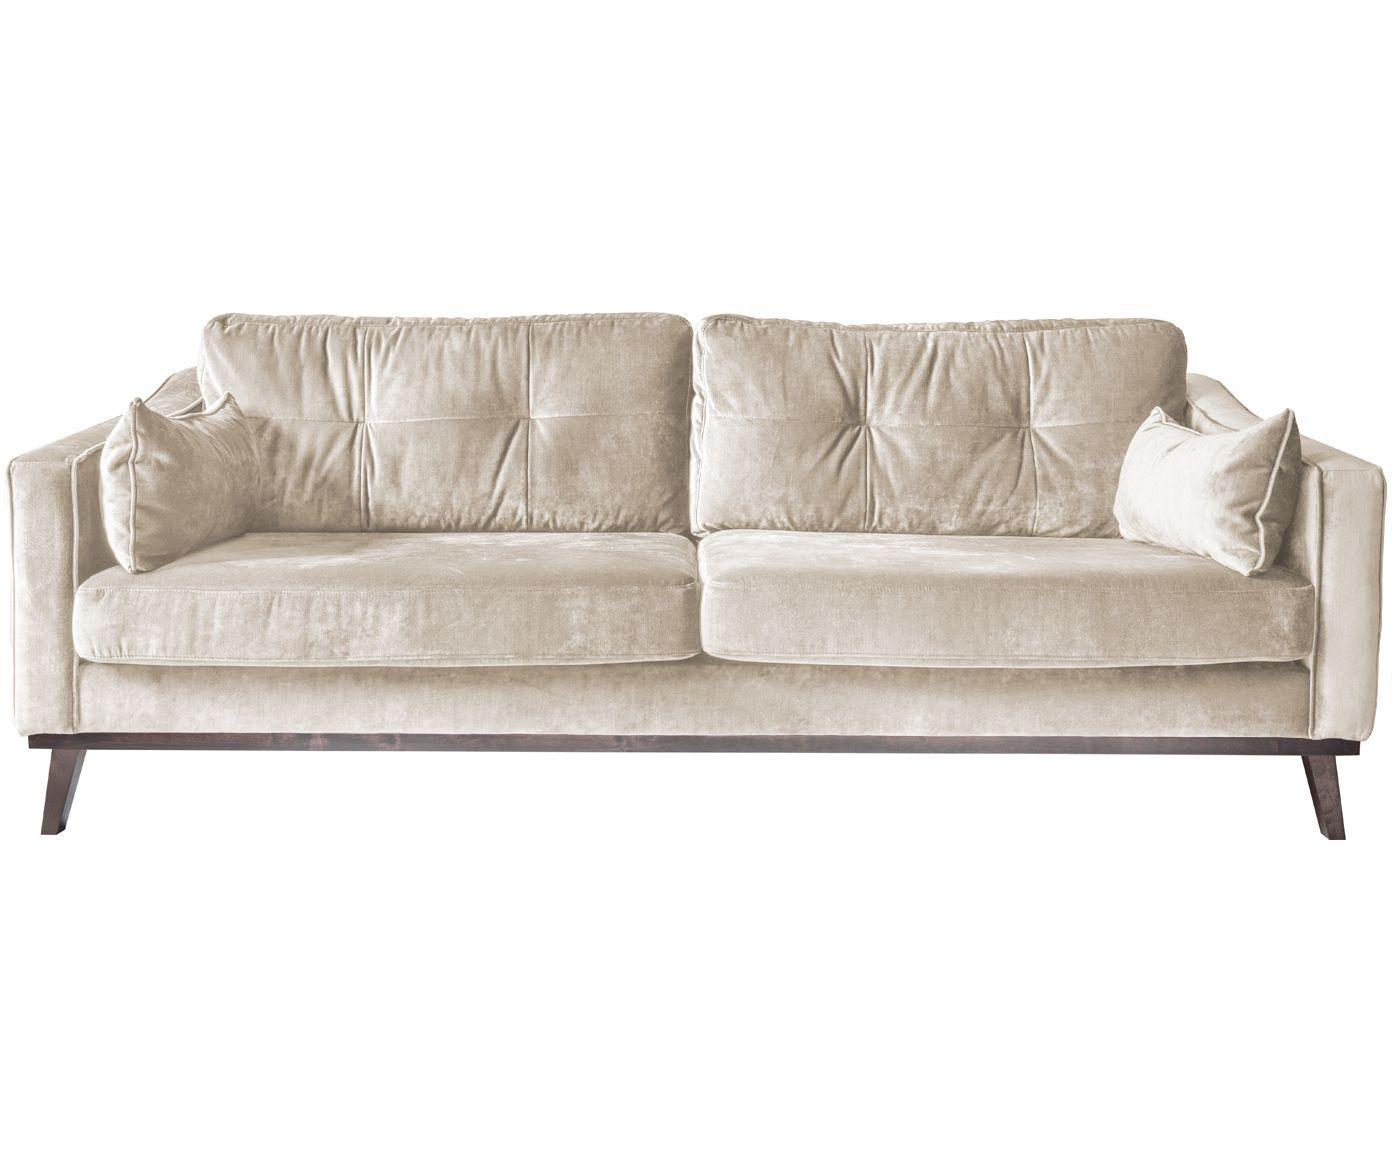 westwing gr nderin delia fischer hat gleich zwei davon in grau in ihrem wohnzimmer stehen und. Black Bedroom Furniture Sets. Home Design Ideas